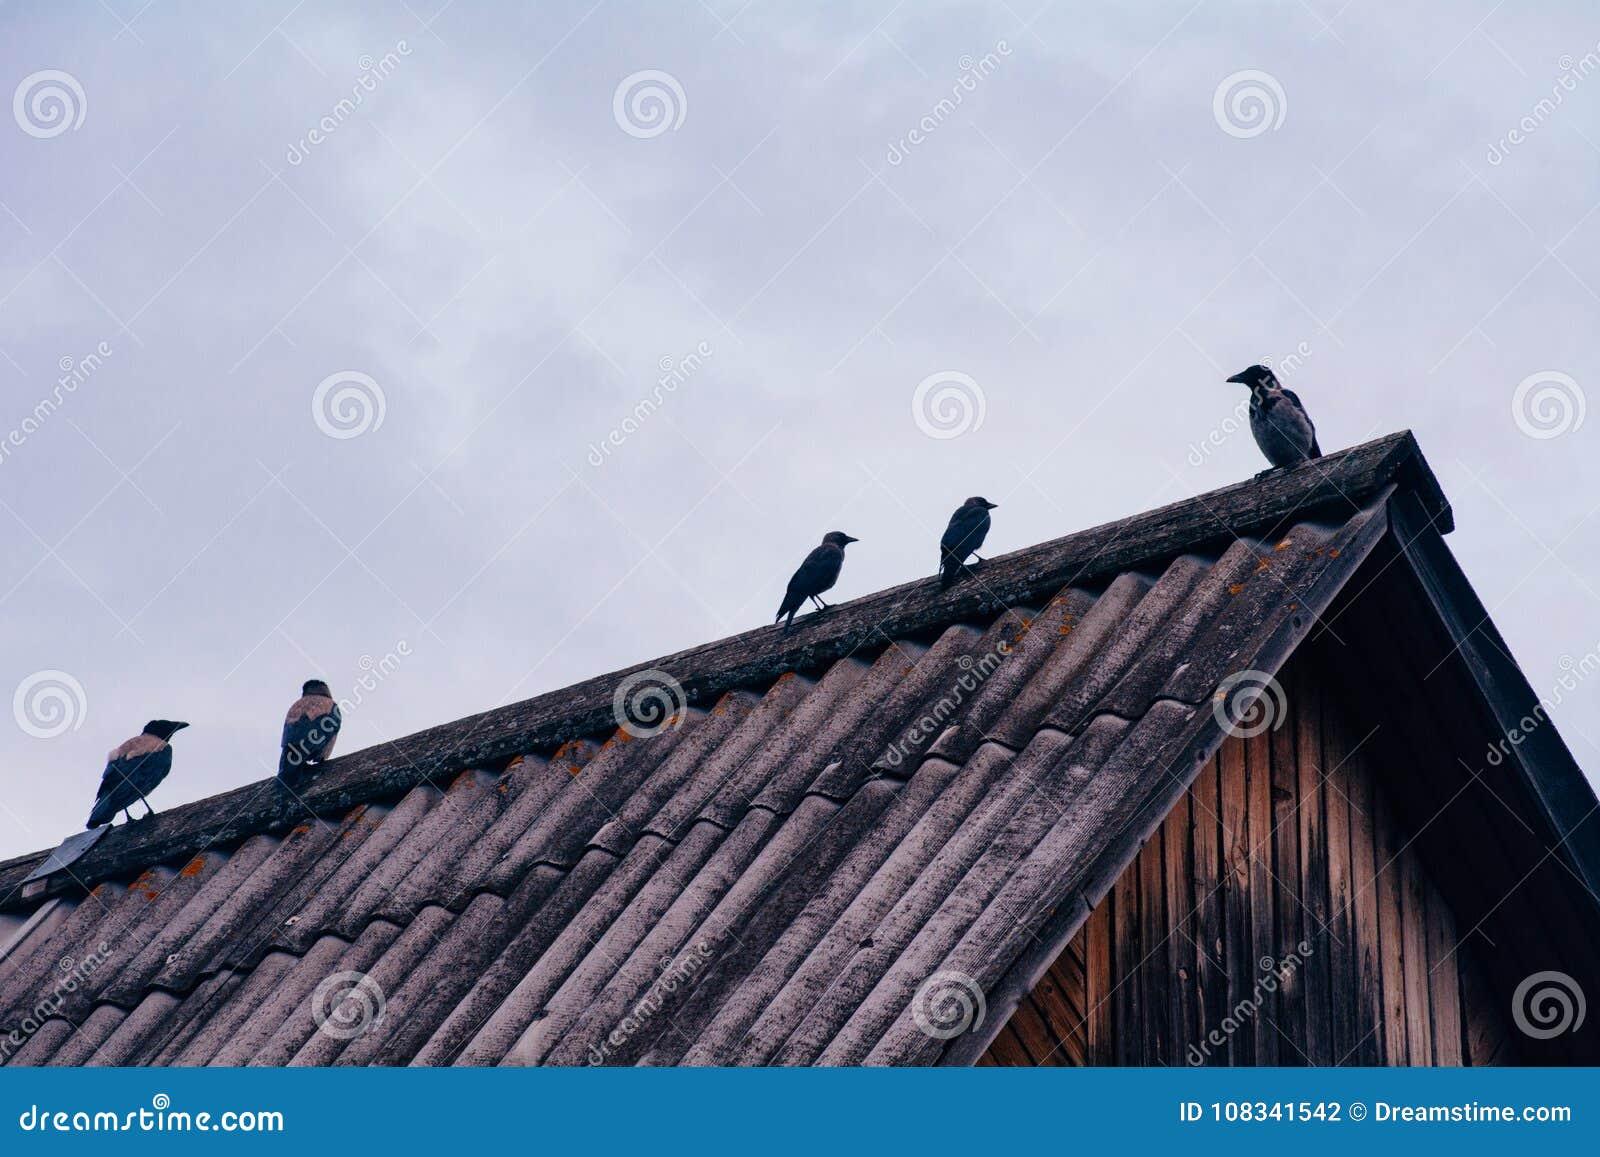 Galanden sitter på taket av huset i molnigt väder